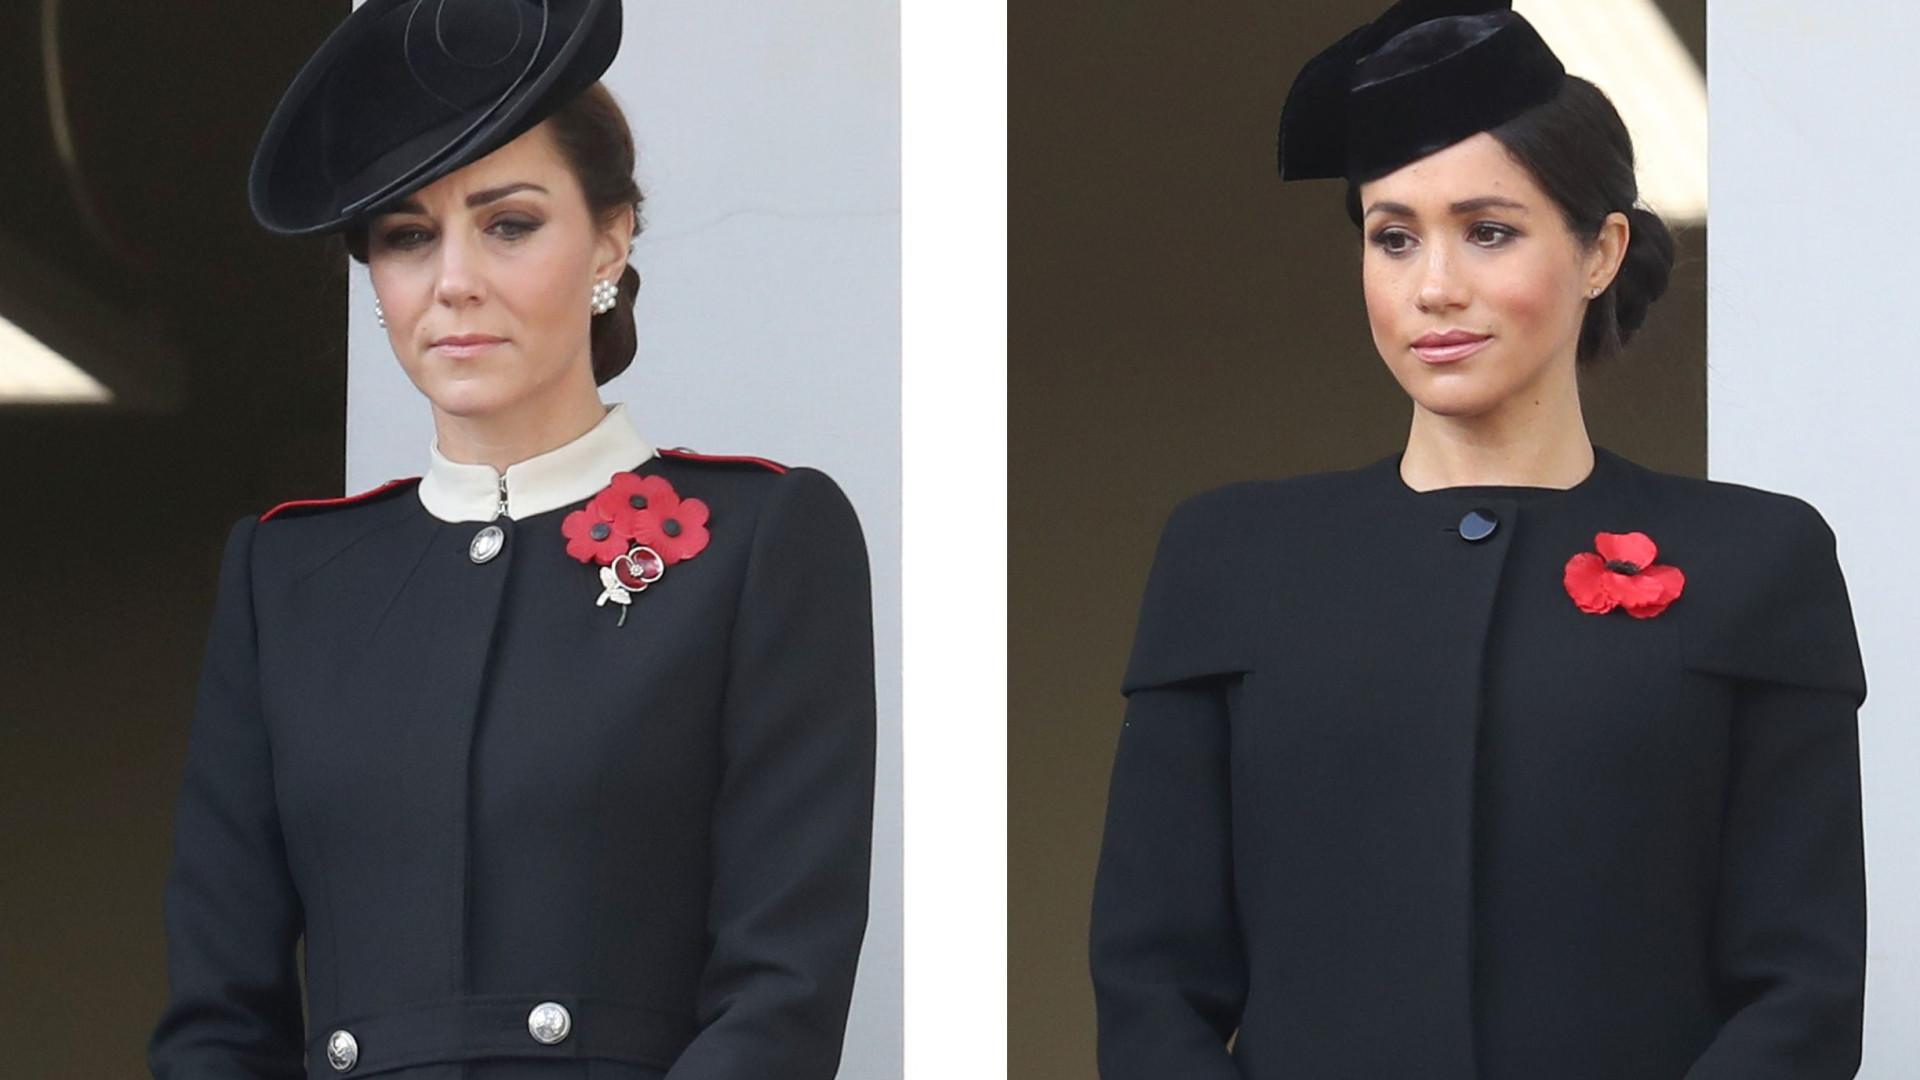 Cerimónia oficial: Por que Kate e Meghan surgiram em varandas diferentes?